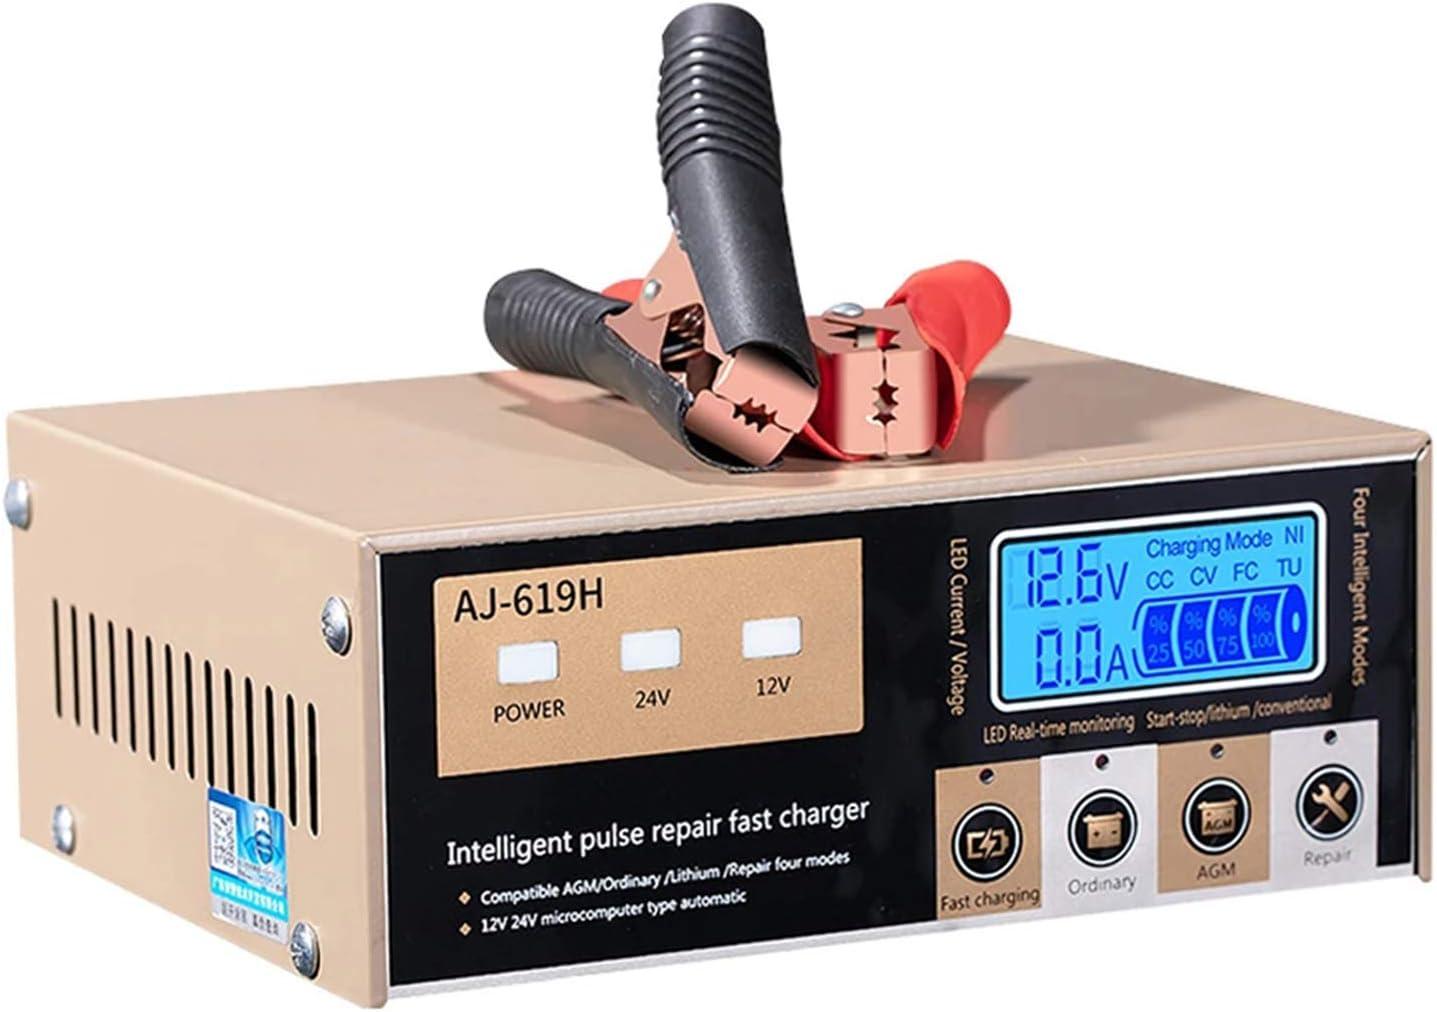 Cargador de batería de coche de motocicleta 12V24V Arranque-parada automático para batería de litio de plomo-ácido Cargador de reparación de pulso para camión Carretilla elevadora Excavadora